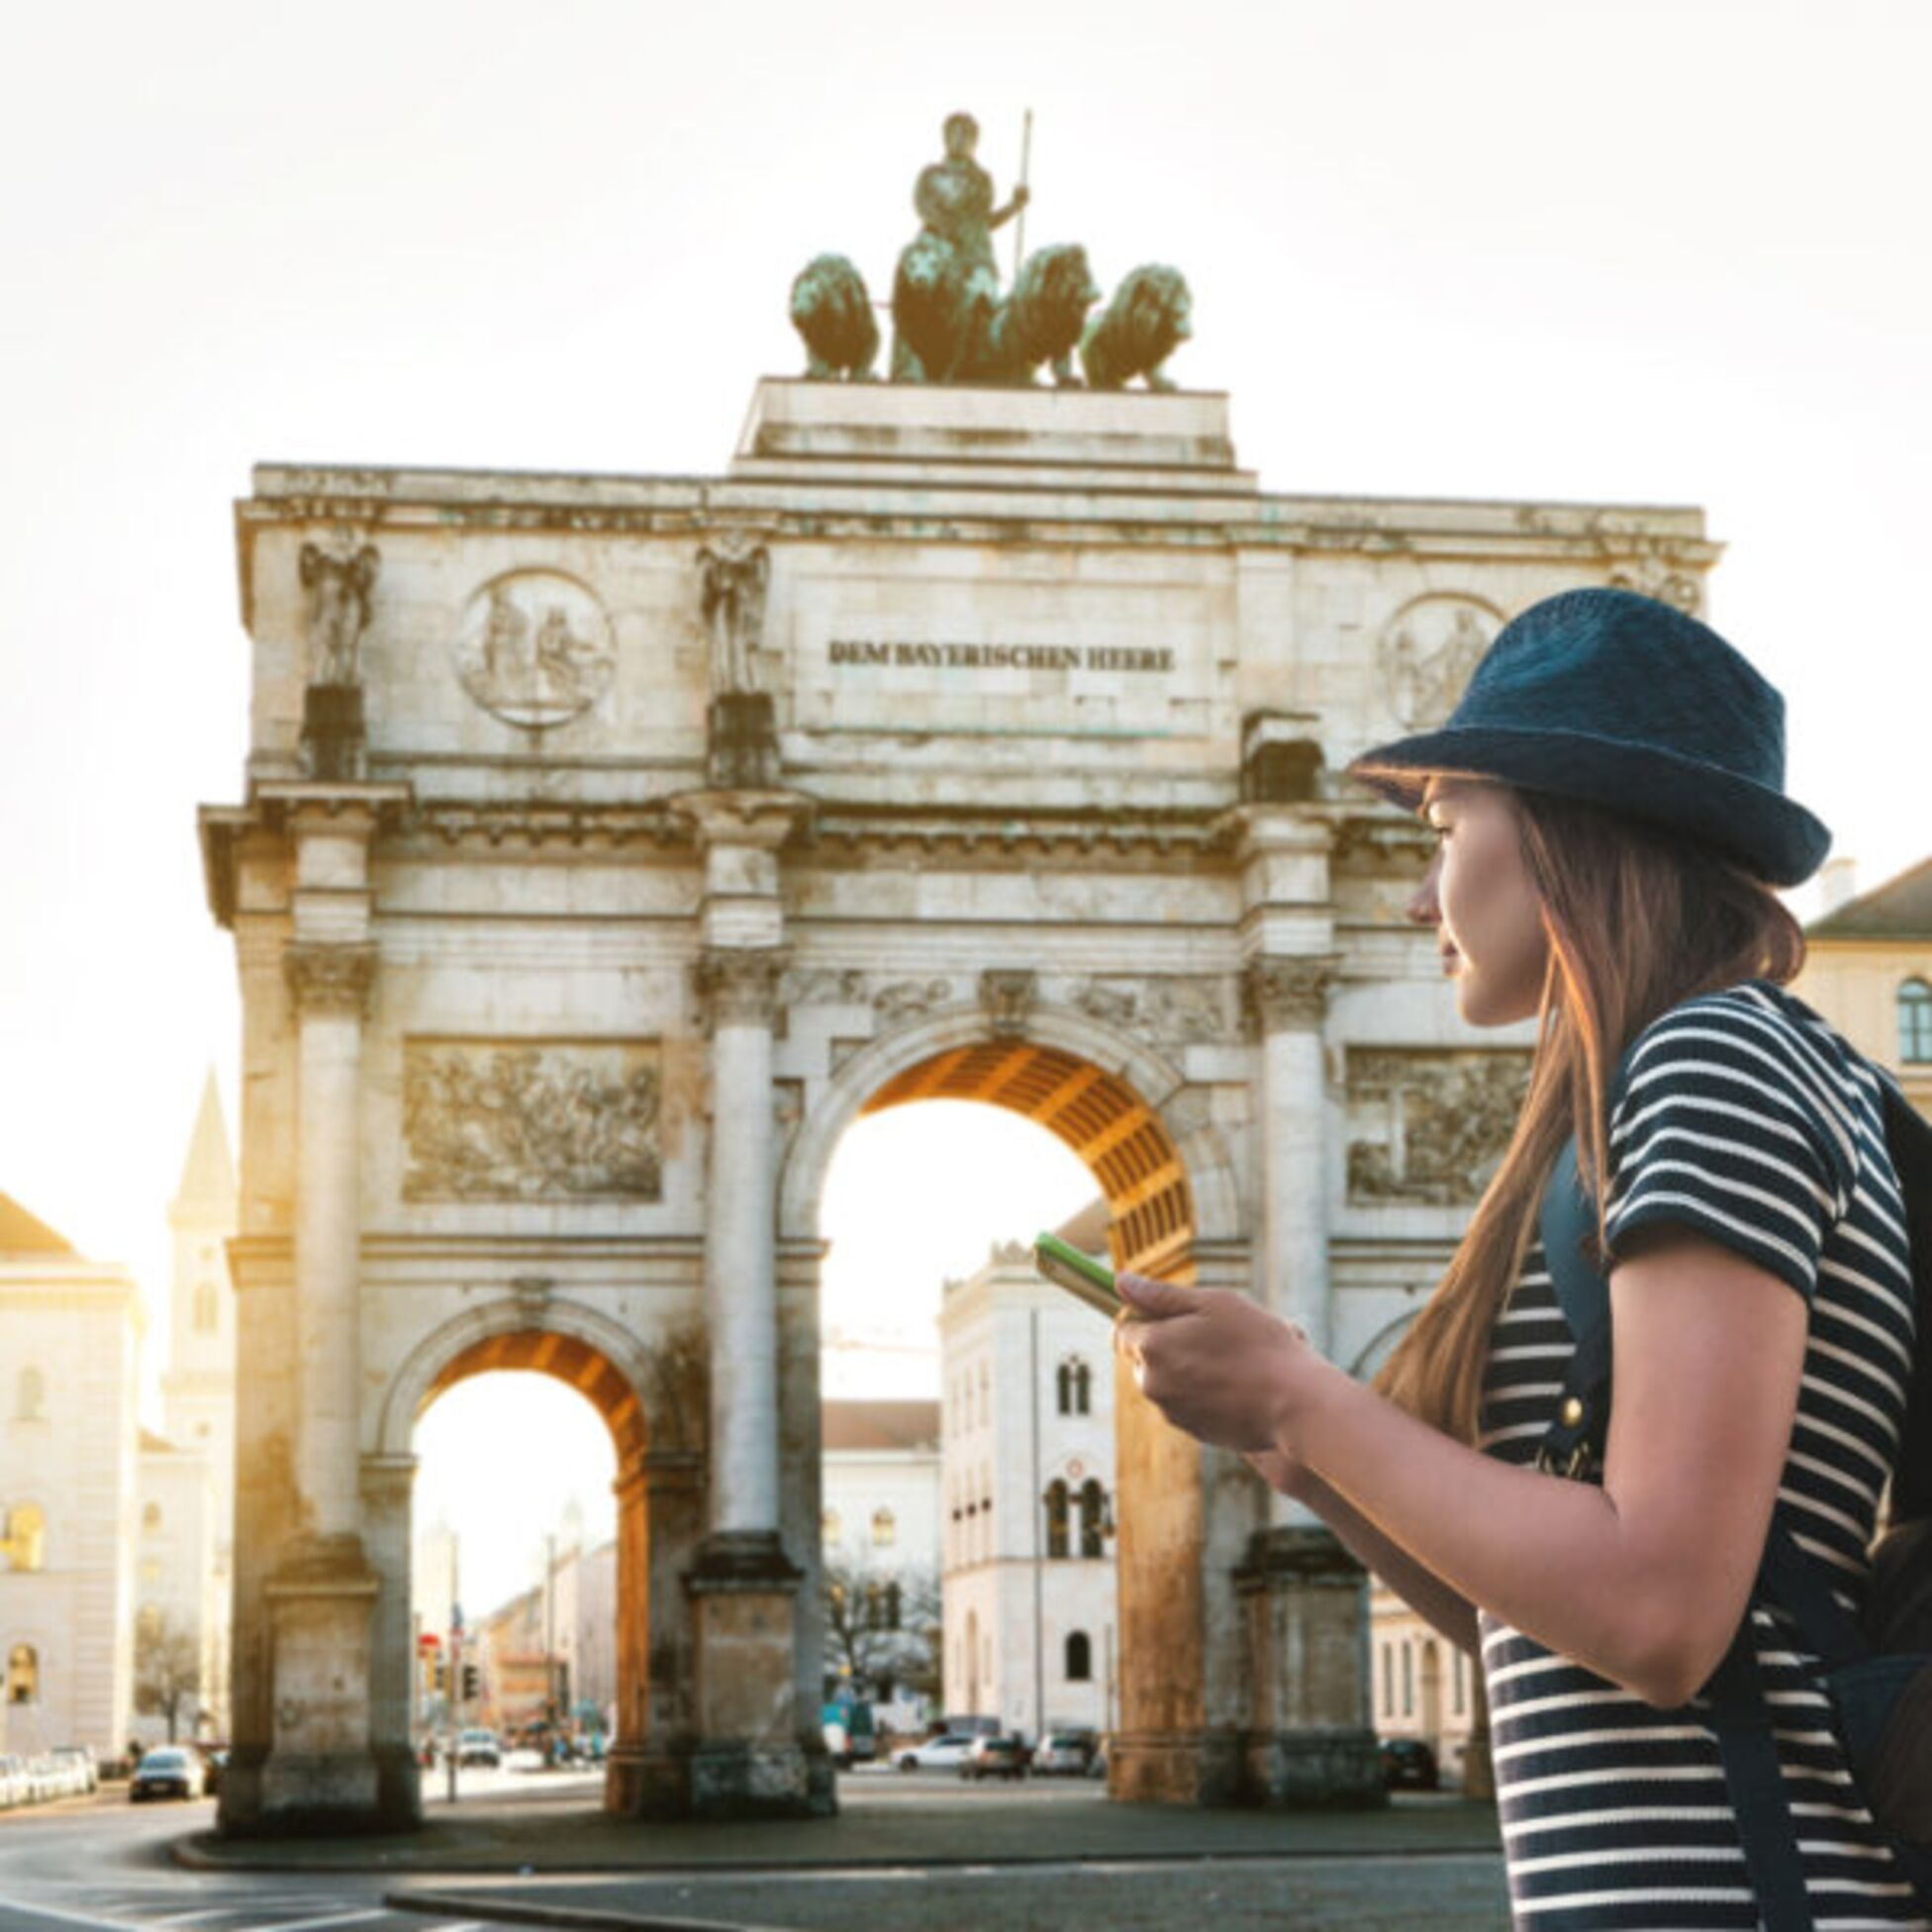 Frau mit Handy läuft durch die Stadt